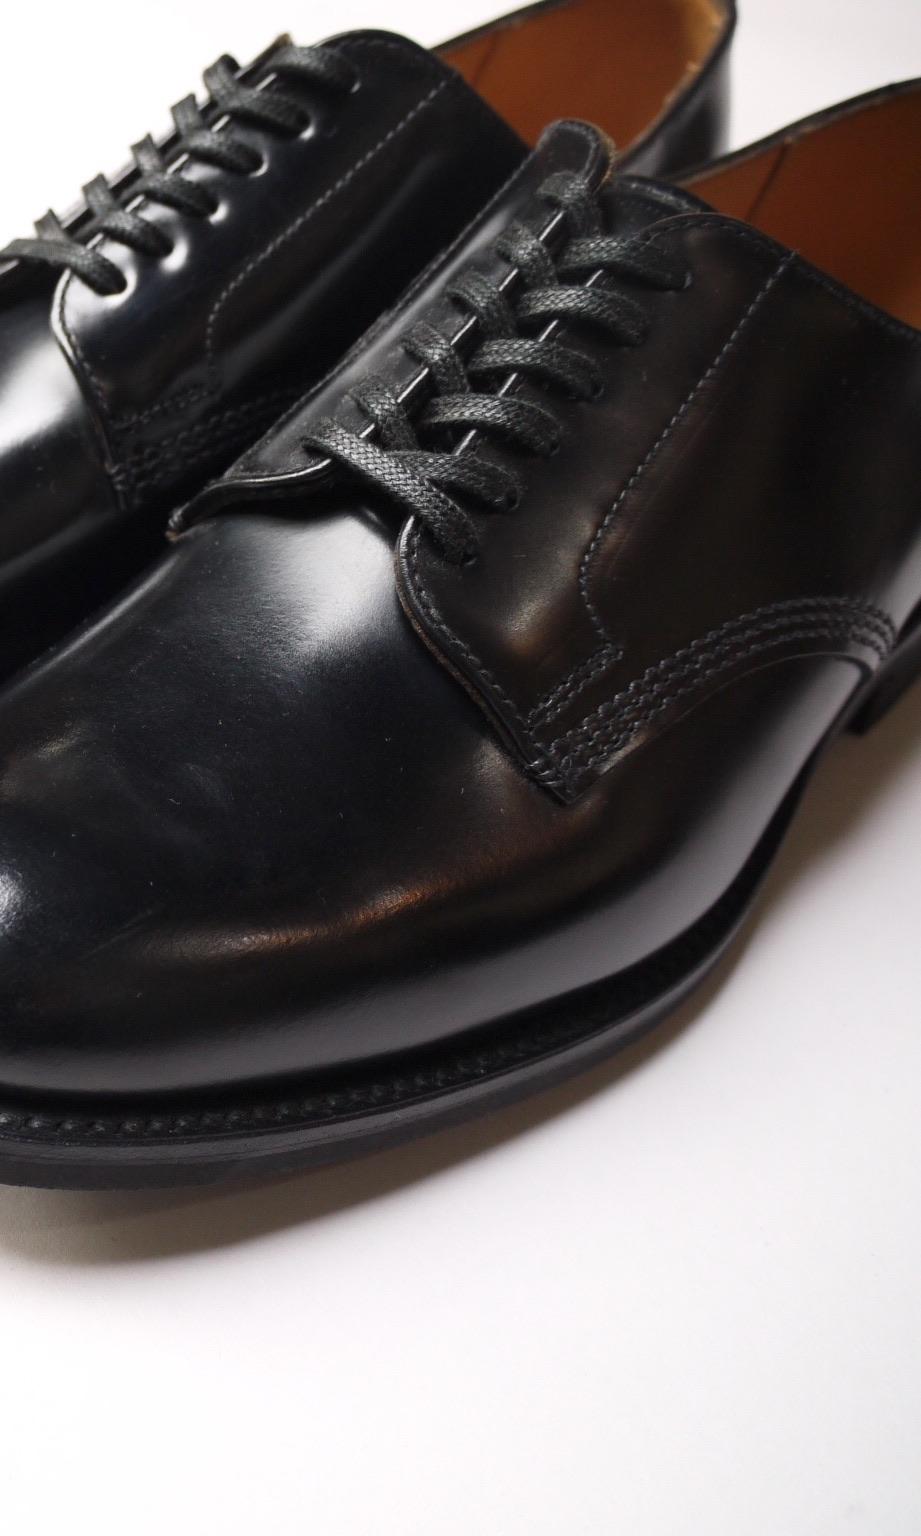 SANDERS サンダース / Military Officer Shoe ミリタリーオフィサーシューズ